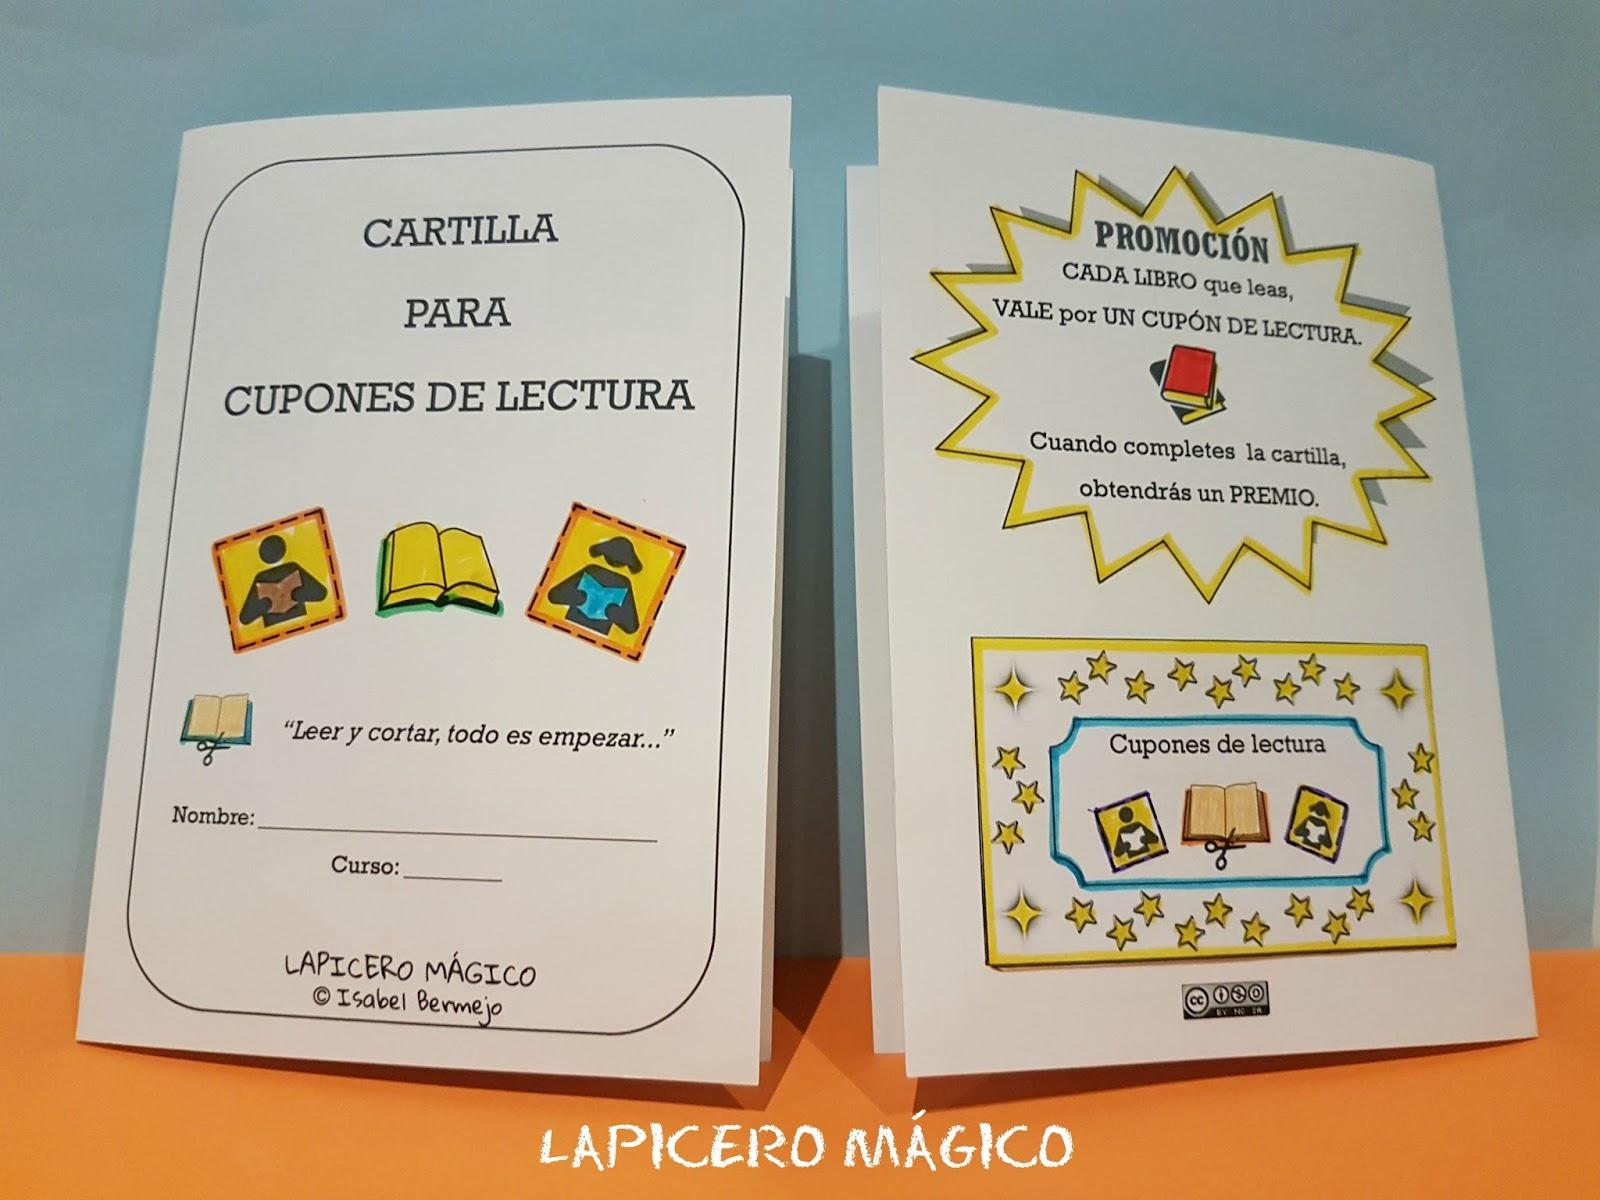 LAPICERO MÁGICO: Cartilla Para Cupones De Lectura